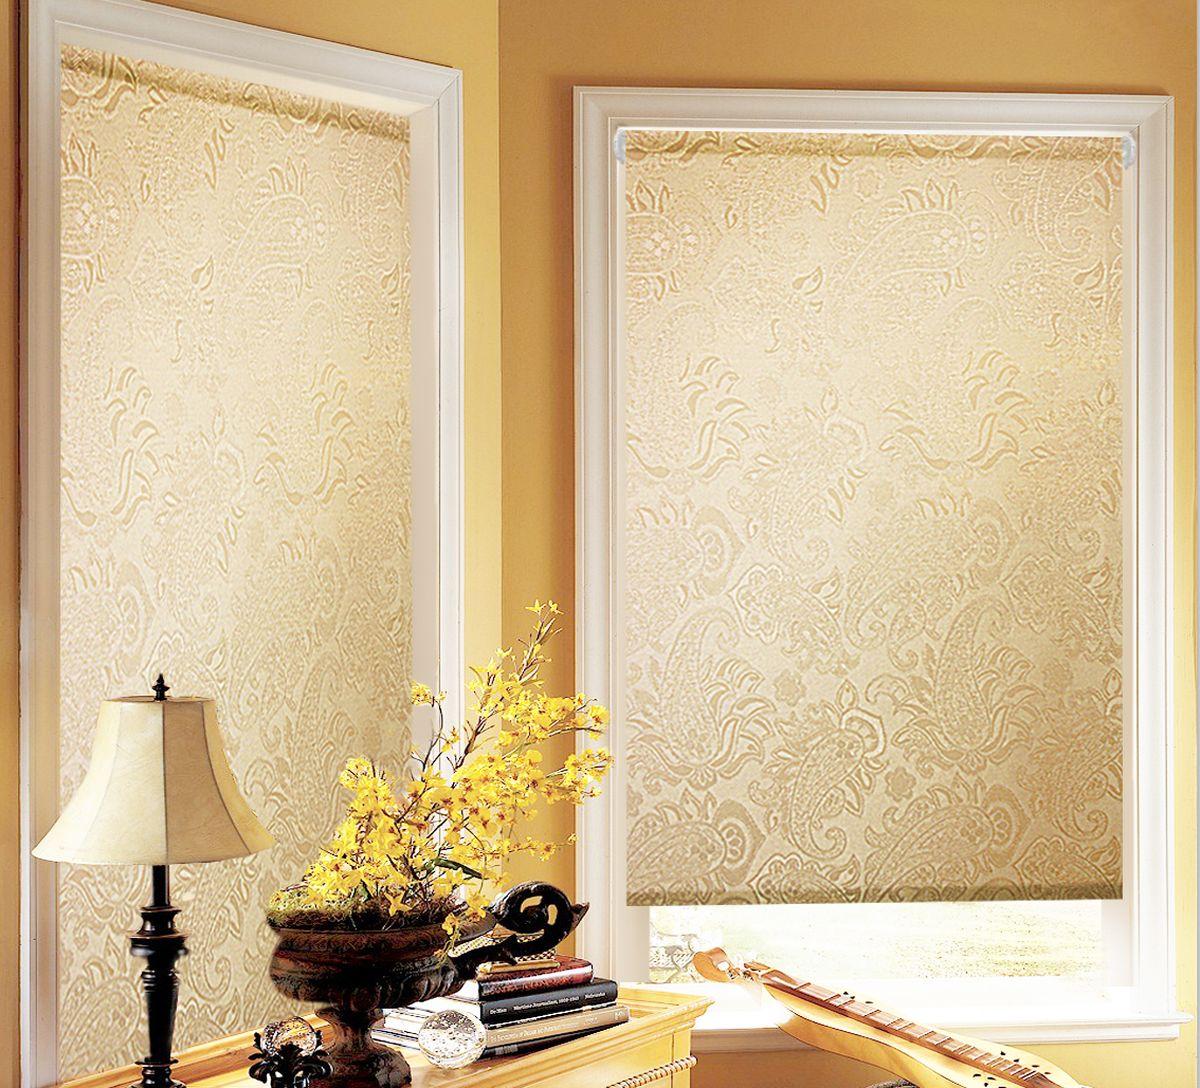 Штора рулонная для балконной двери Эскар Миниролло. Арабеска, фактурная, цвет: капучино, ширина 52 см, высота 215 см2615S545JBРулонная штора Эскар Миниролло. Арабеска выполнена из высокопрочной ткани, которая сохраняет свой размер даже при намокании. Ткань не выцветает и обладает отличной цветоустойчивостью.Миниролло - это подвид рулонных штор, который закрывает не весь оконный проем, а непосредственно само стекло. Такие шторы крепятся на раму без сверления при помощи зажимов или клейкой двухсторонней ленты. Окно остается на гарантии, благодаря монтажу без сверления. Такая штора станет прекрасным элементом декора окна и гармонично впишется в интерьер любого помещения.